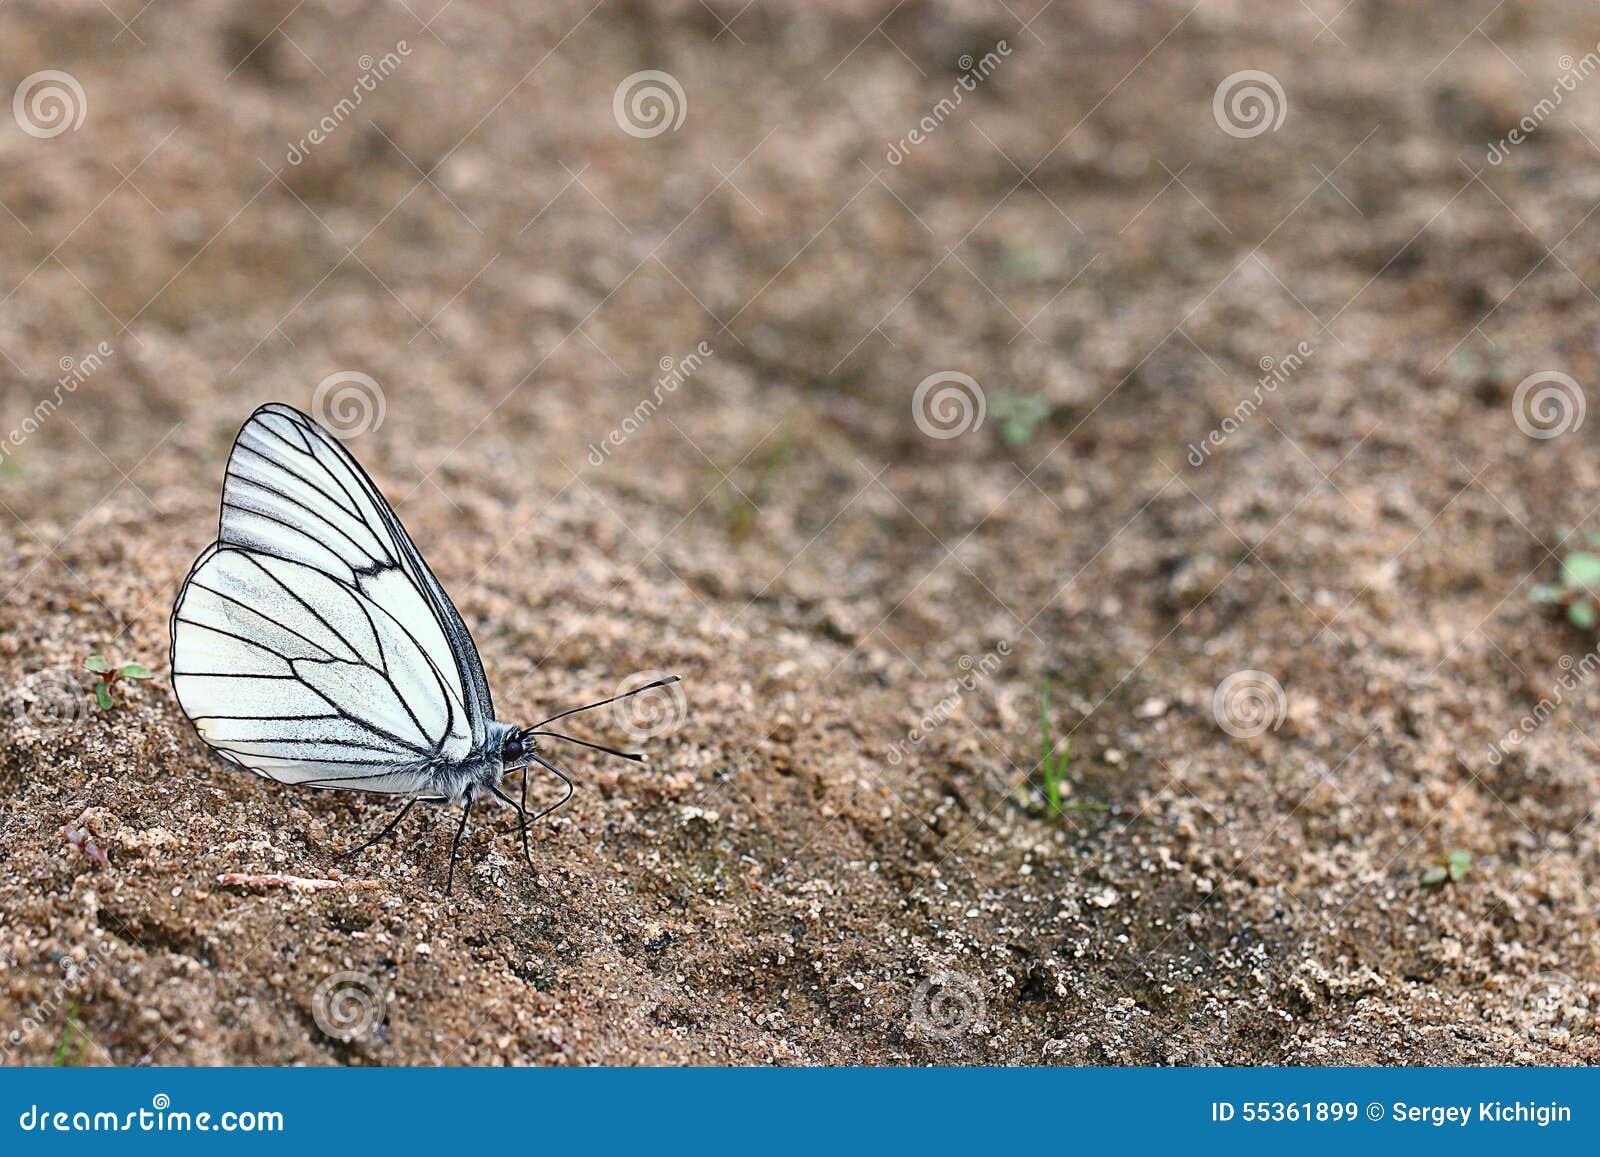 Farfalle bianche sulla sabbia